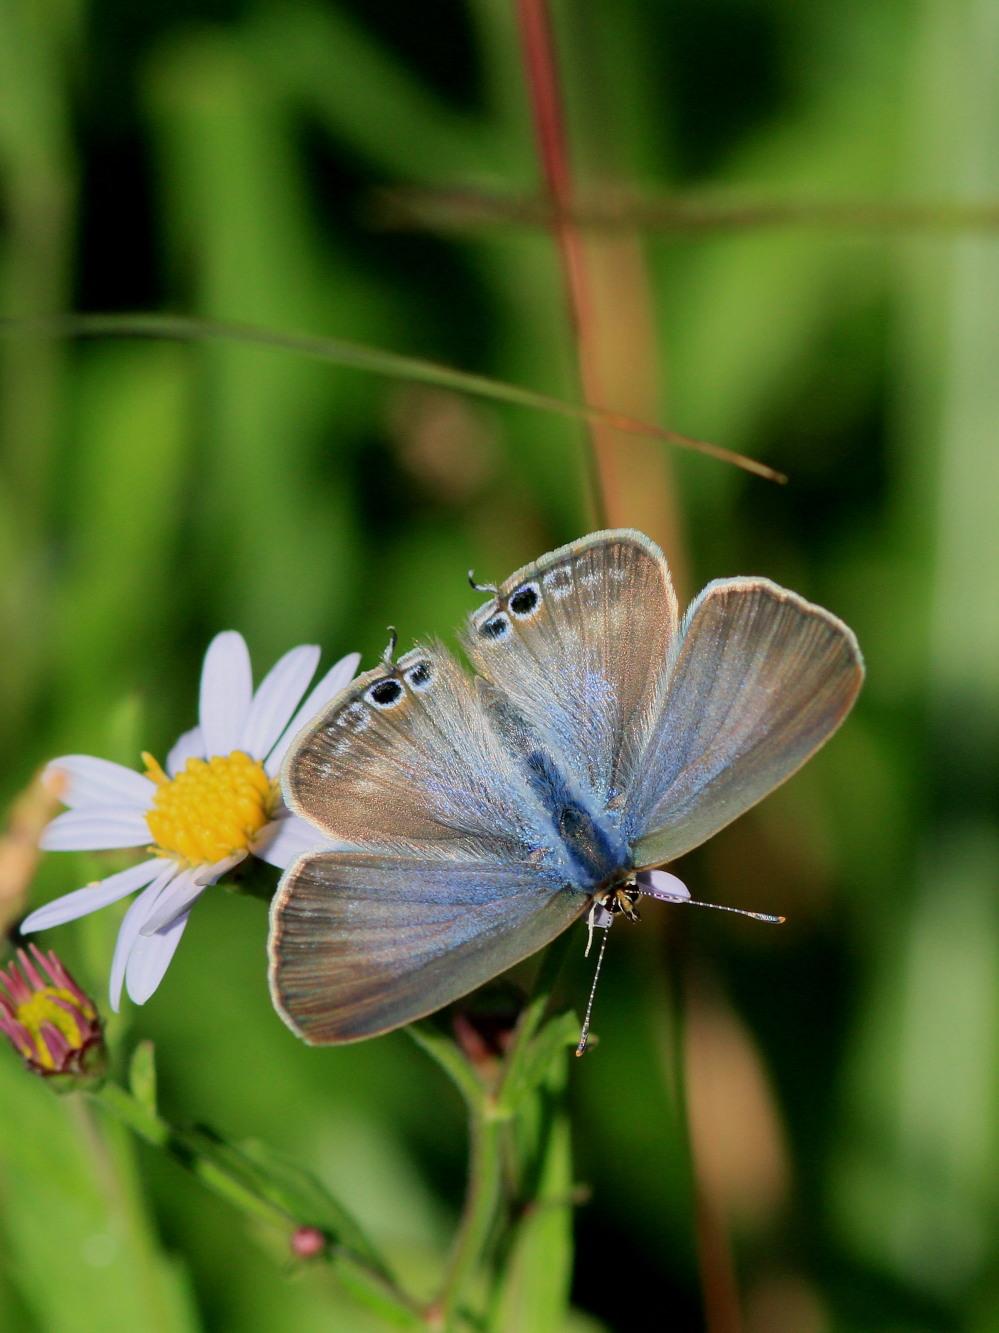 ウラナミシジミ  ♂雄の全開翅が得られない。 2012.10月中旬-栃木県_a0146869_20444536.jpg